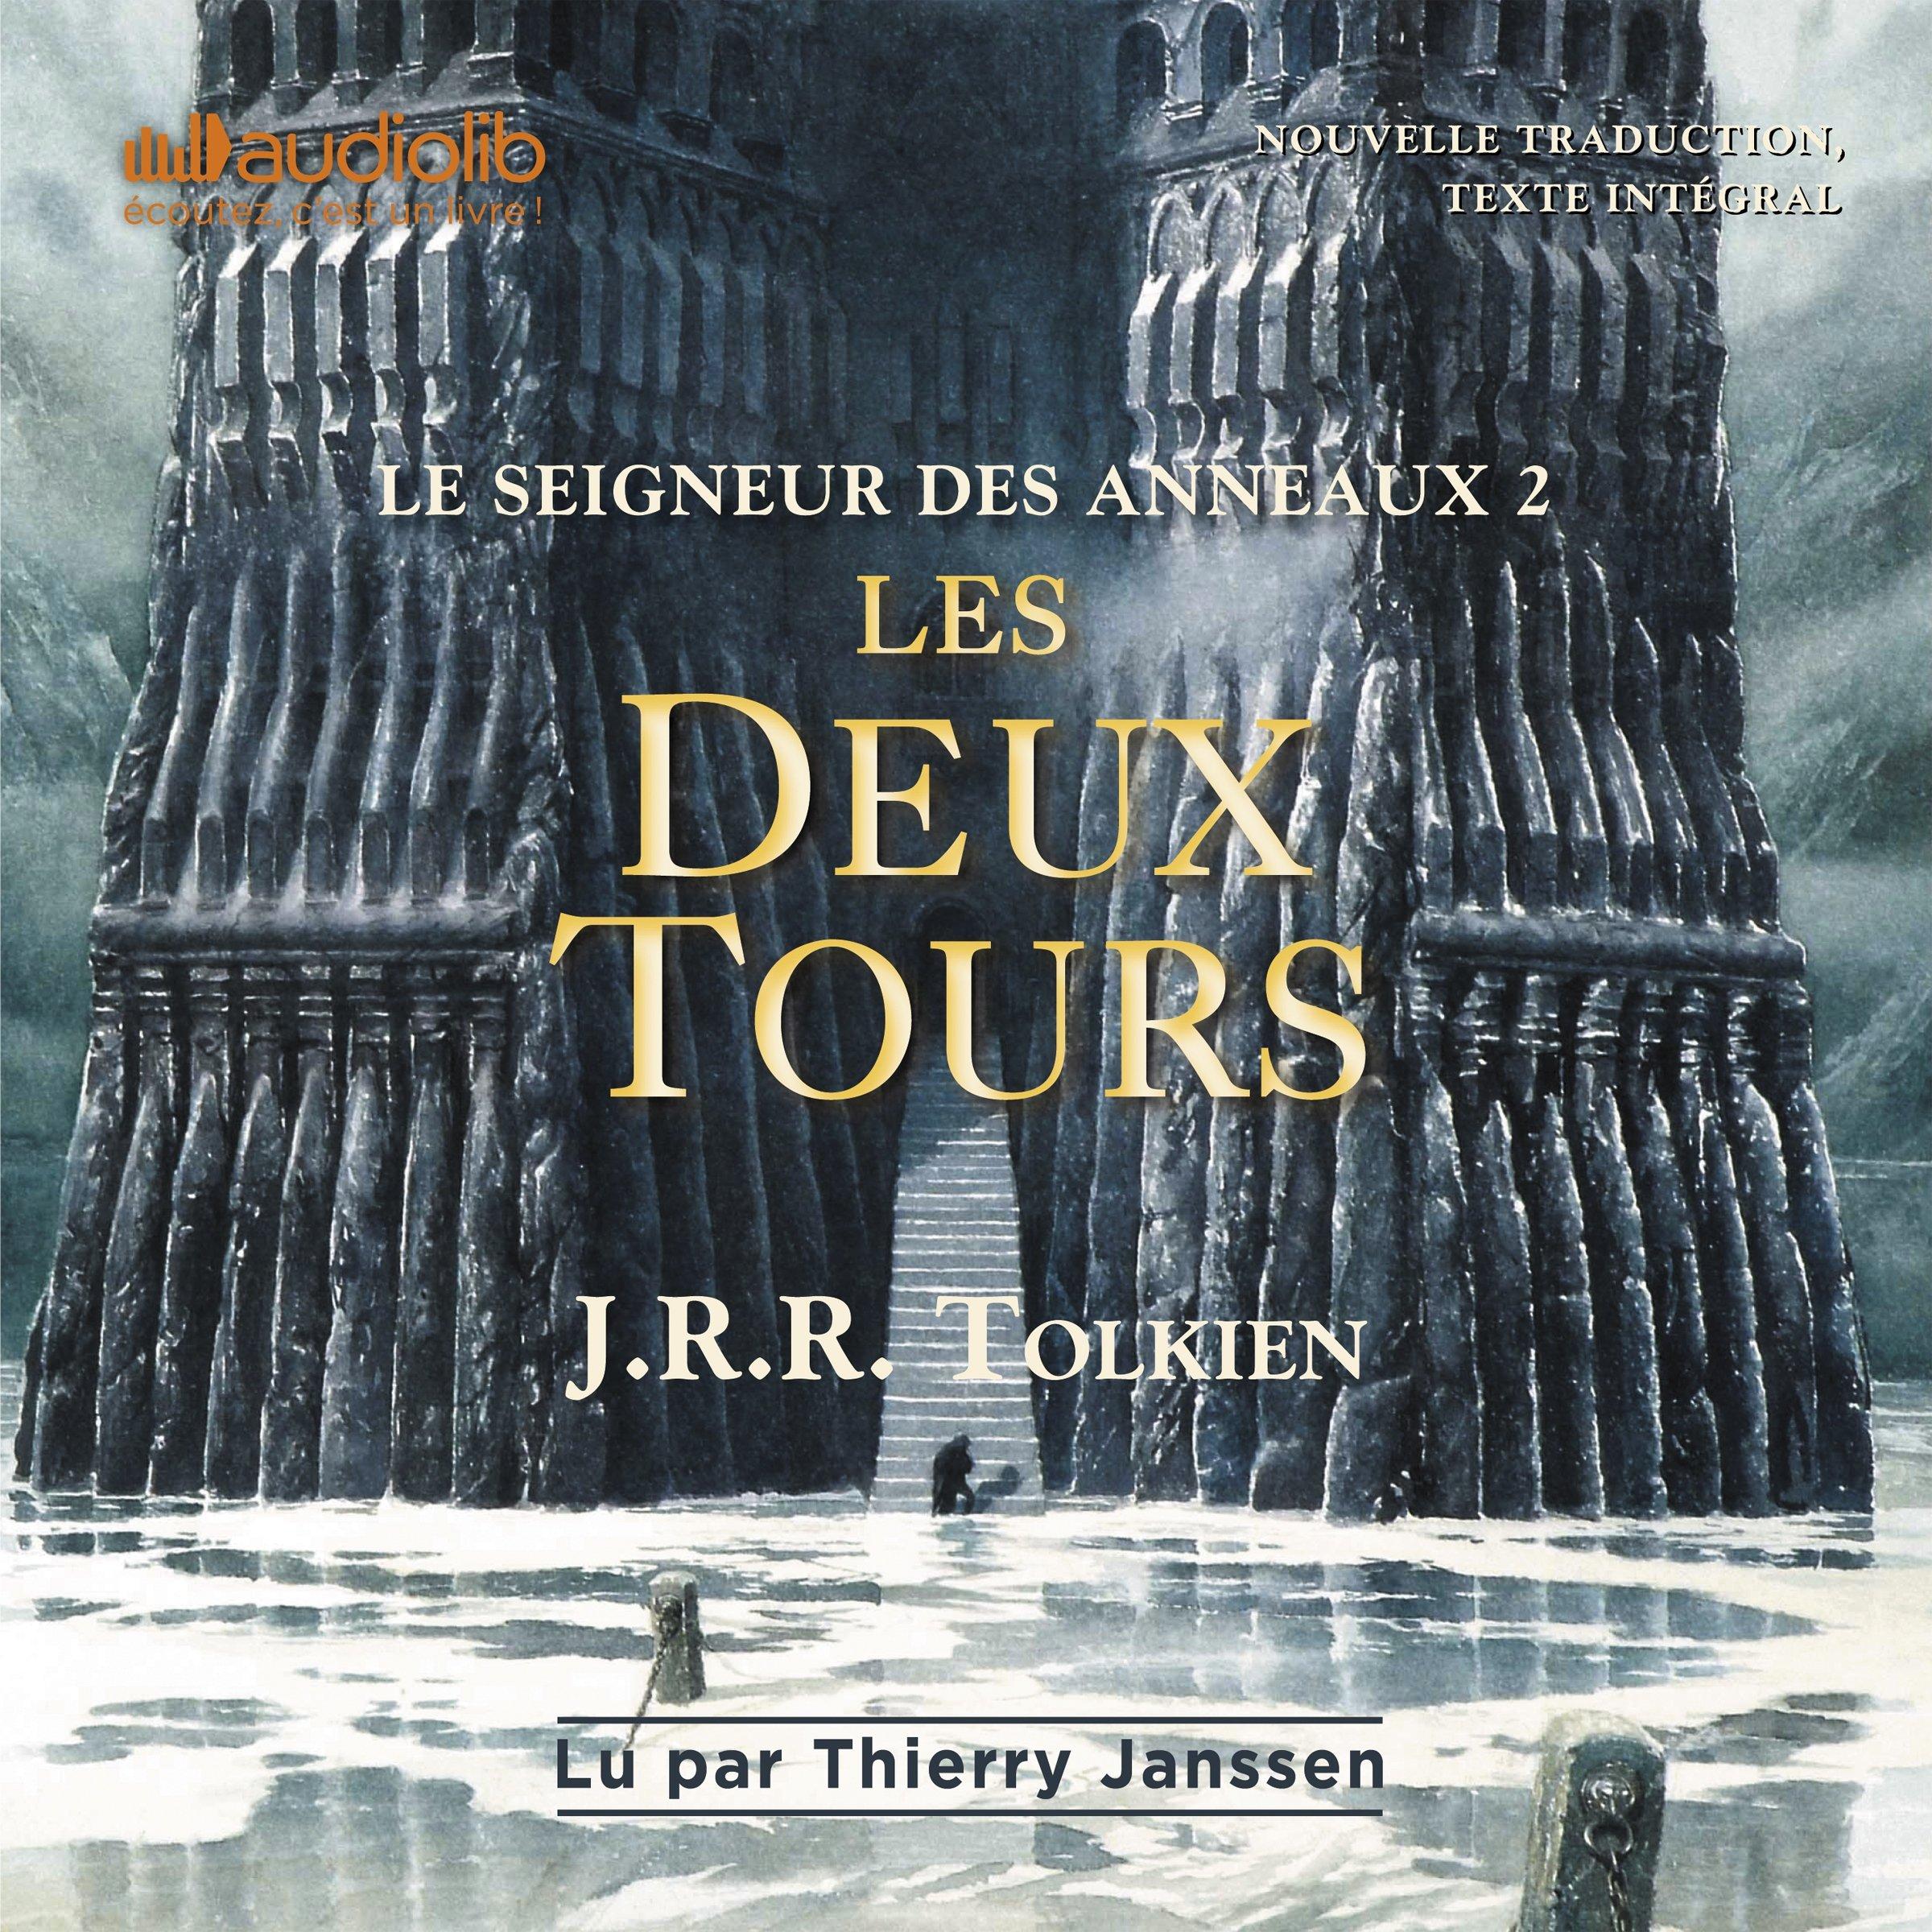 Les deux tours: Le seigneur des anneaux 2, de J. R. R. Tolkien